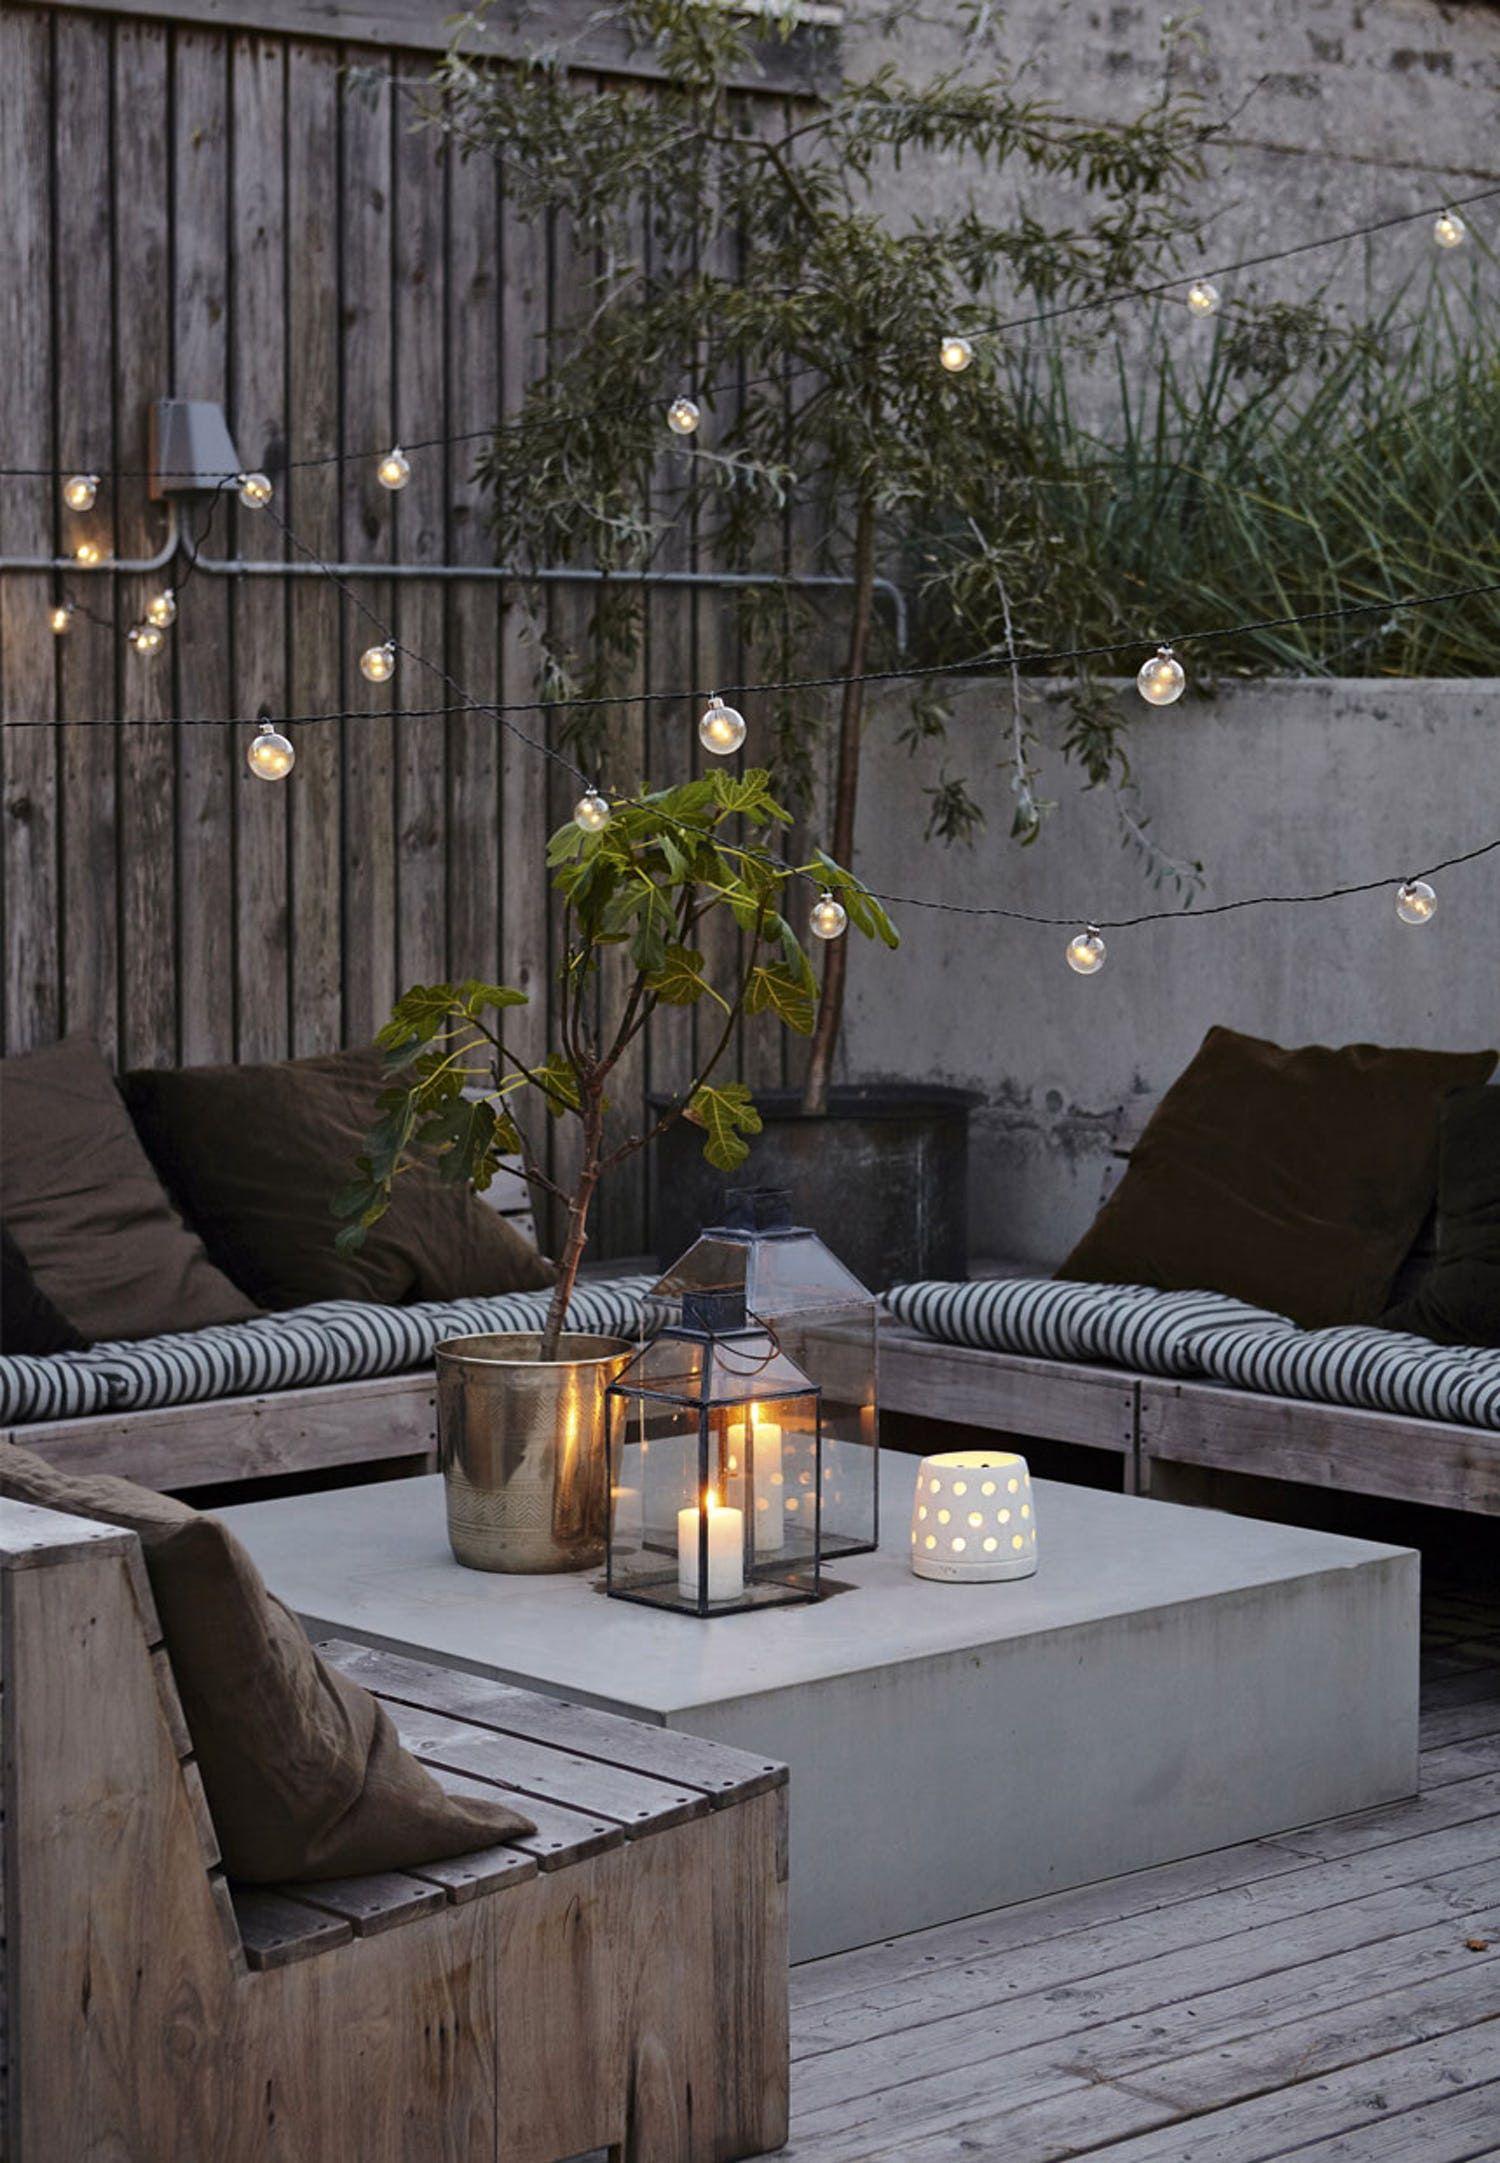 Oase Terrassen 5 tips til en moderne design-oase på terrassen | gardening